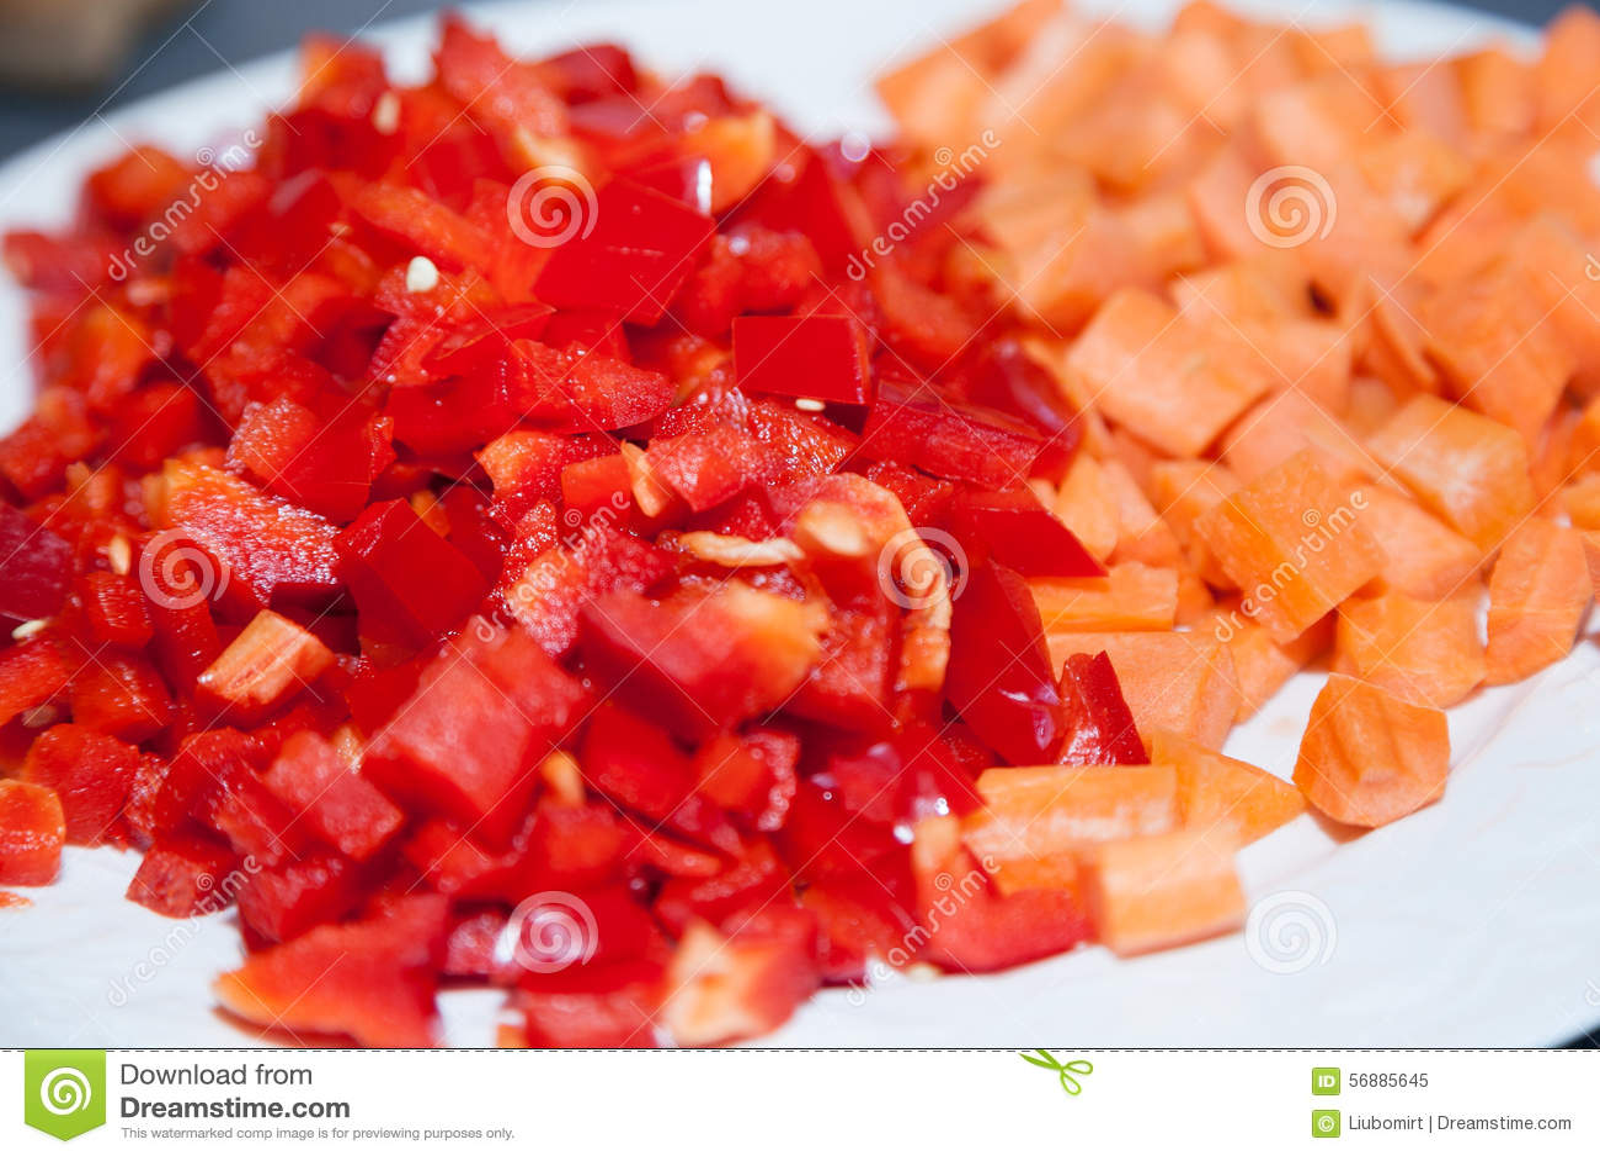 Peperone dolce rosso tagliato